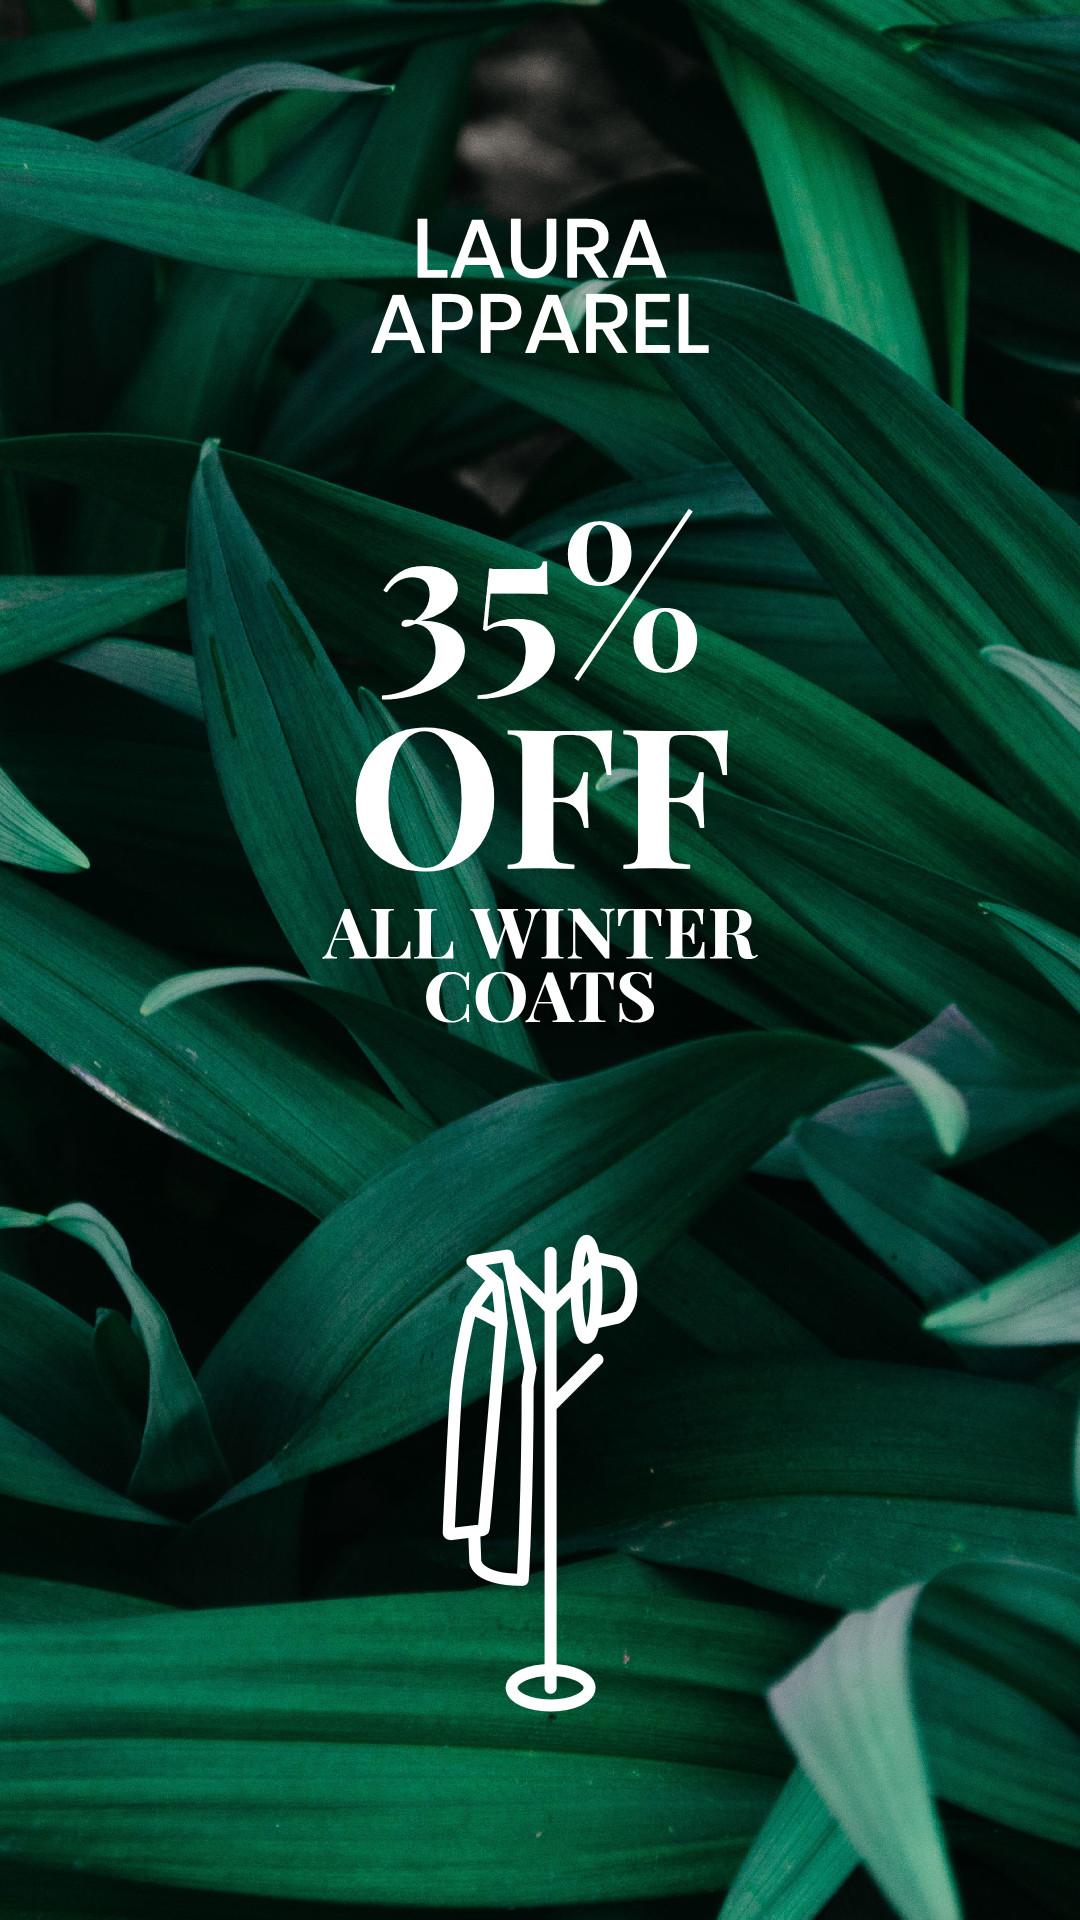 All winter coats 35% off